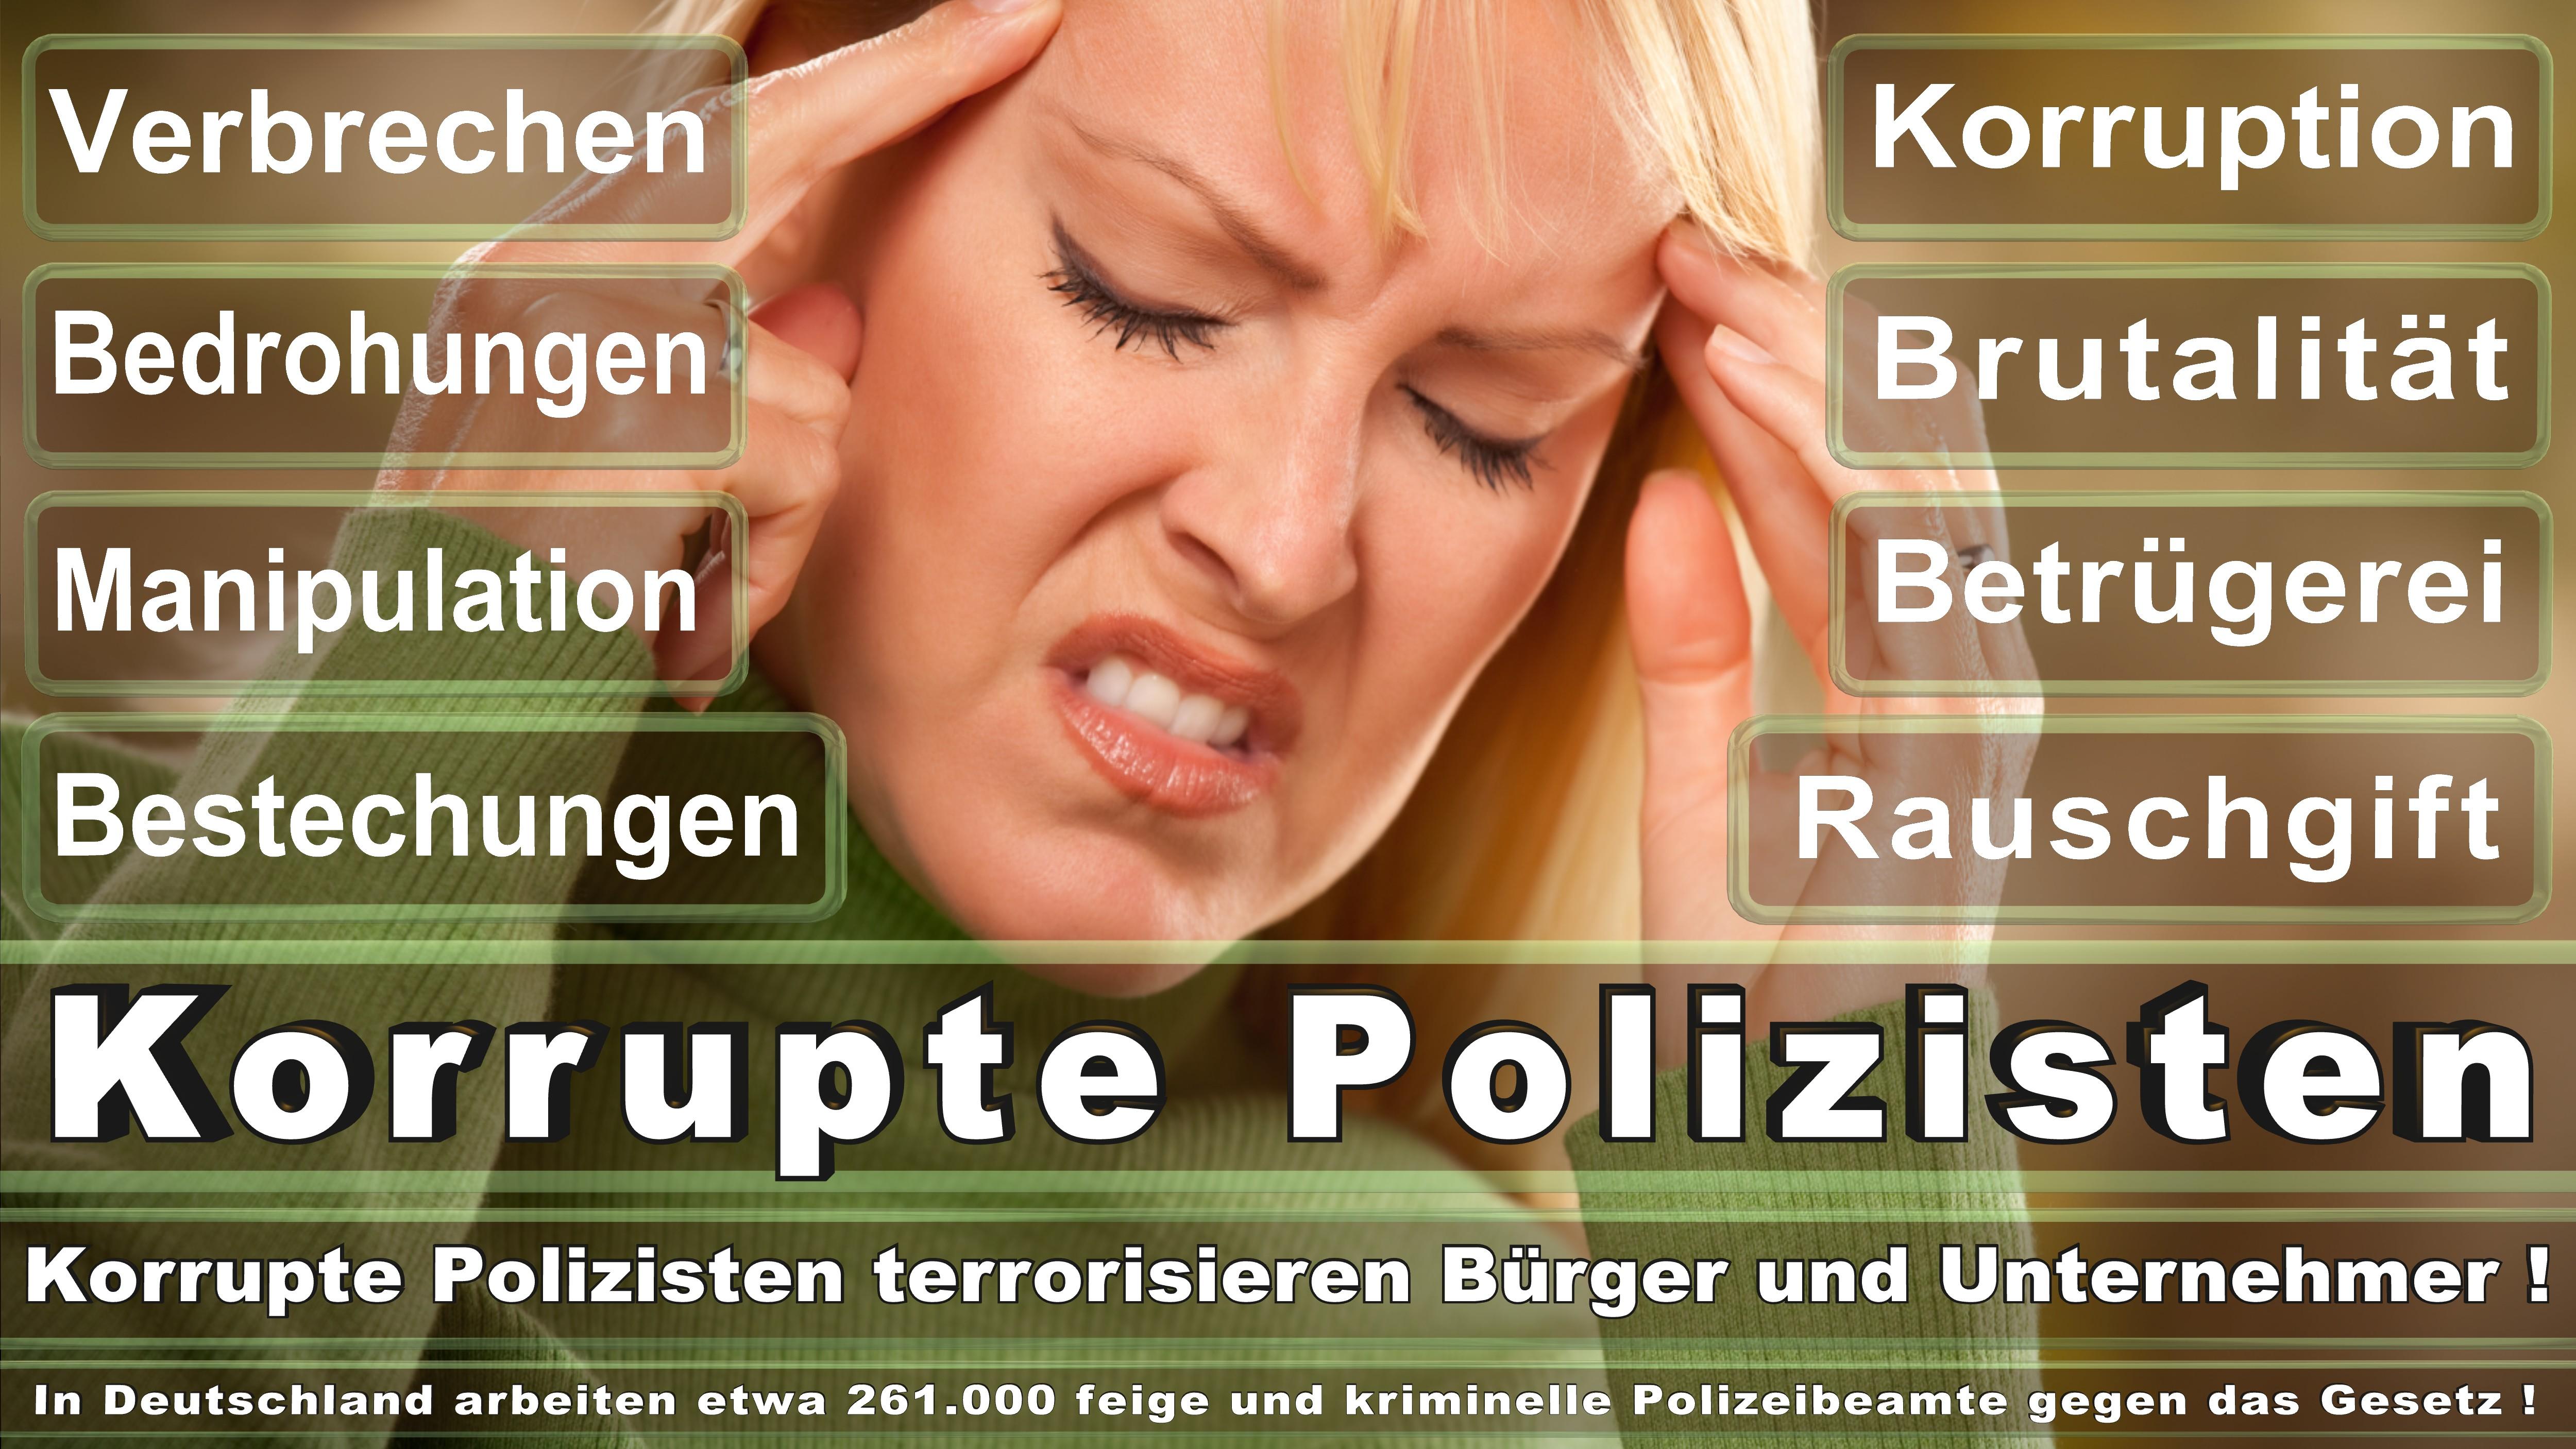 Polizei-Bielefeld (158) Kriminaloberassistentin zur Anwärter, Unterwachtmeister, Rottwachtmeister, Wachtmeister, Oberwachtmeister, Revier-Oberwachtmeister,